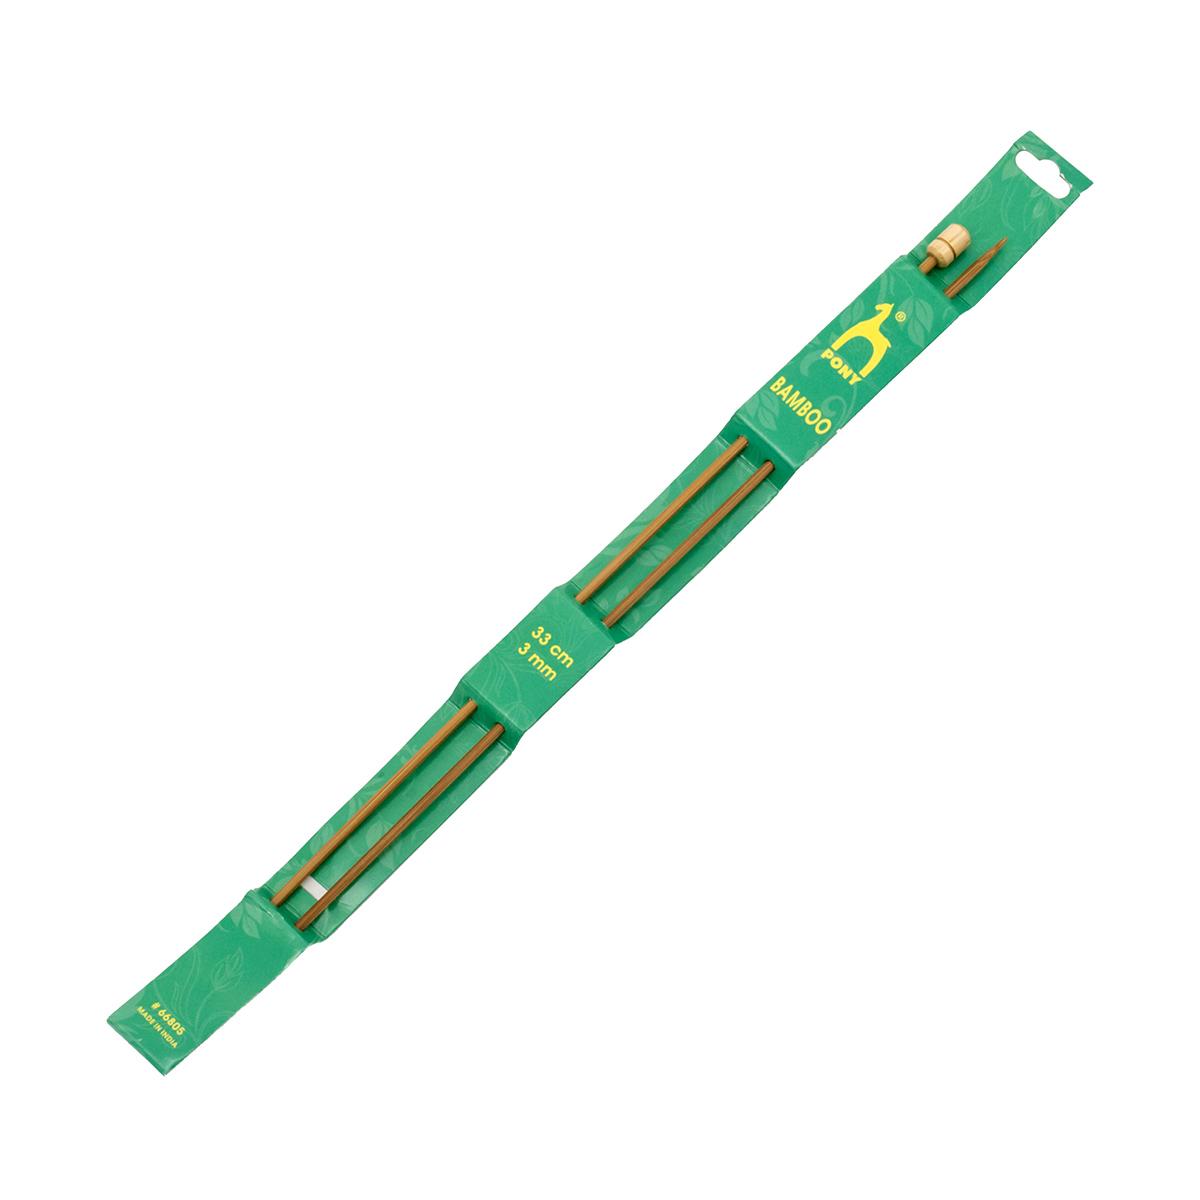 66805 Спицы вязальные прямые 3,00мм*33см, бамбук, 2шт PONY